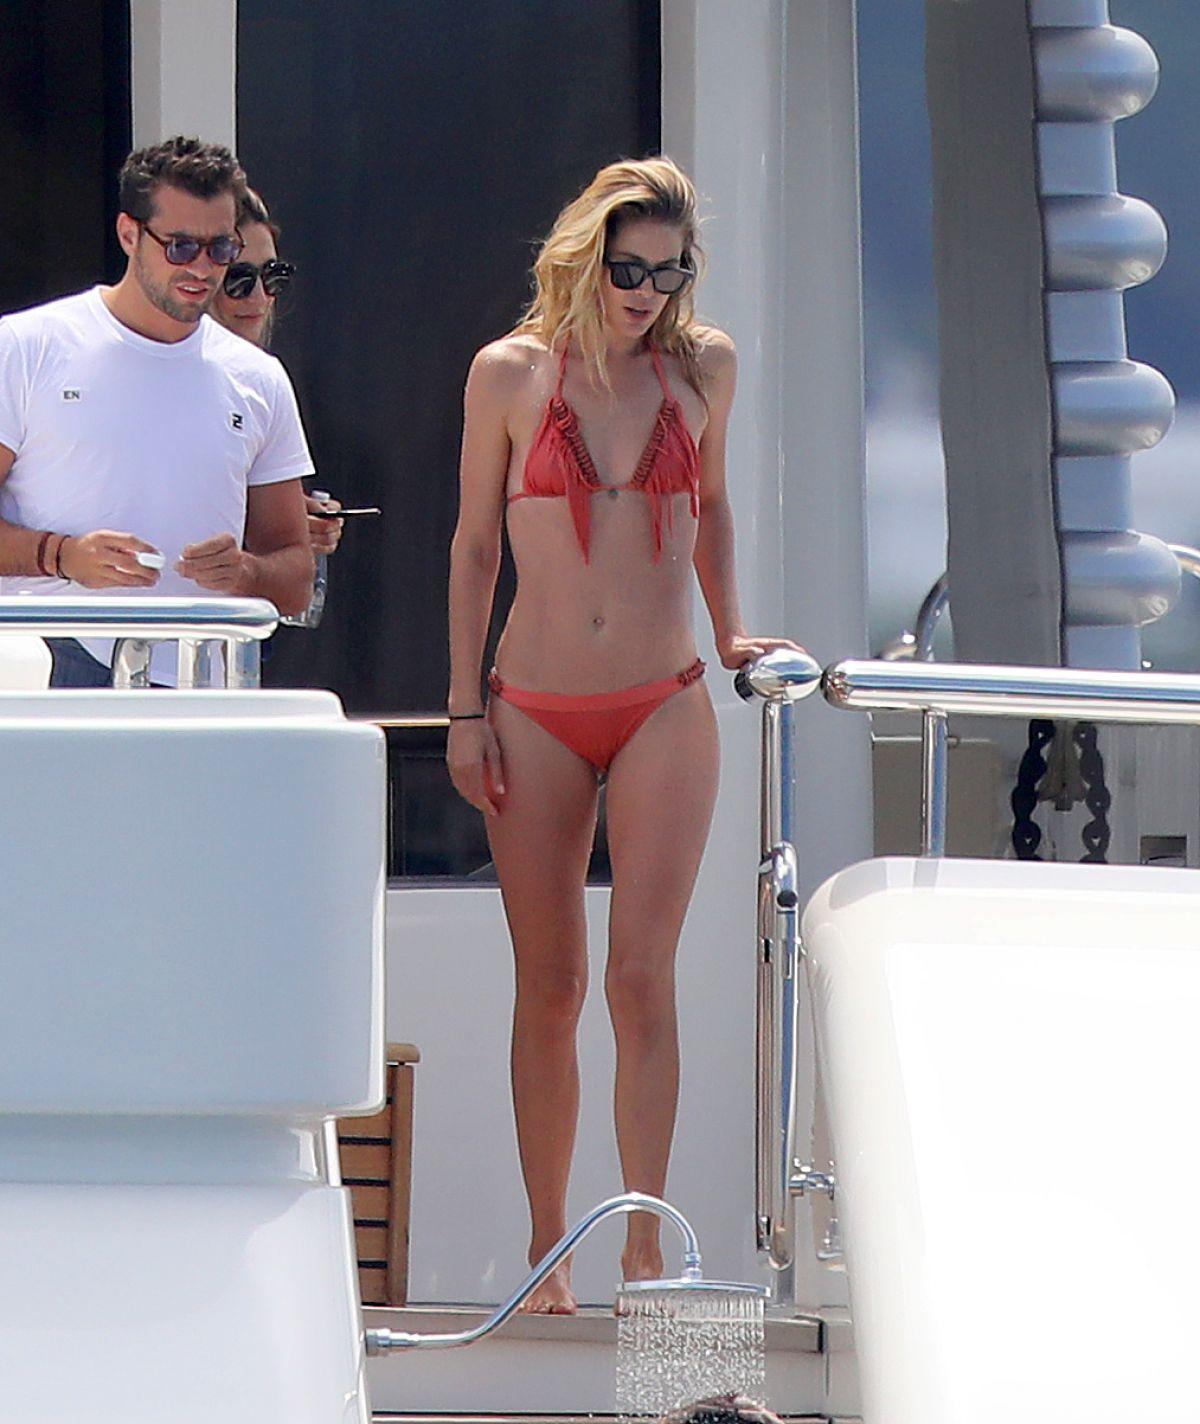 DOUTZEN KROES in Bikini at a Yacht in France 07/27/2017   doutzen-kroes-in-bikini-at-a-yacht-in-france-07-27-2017_4